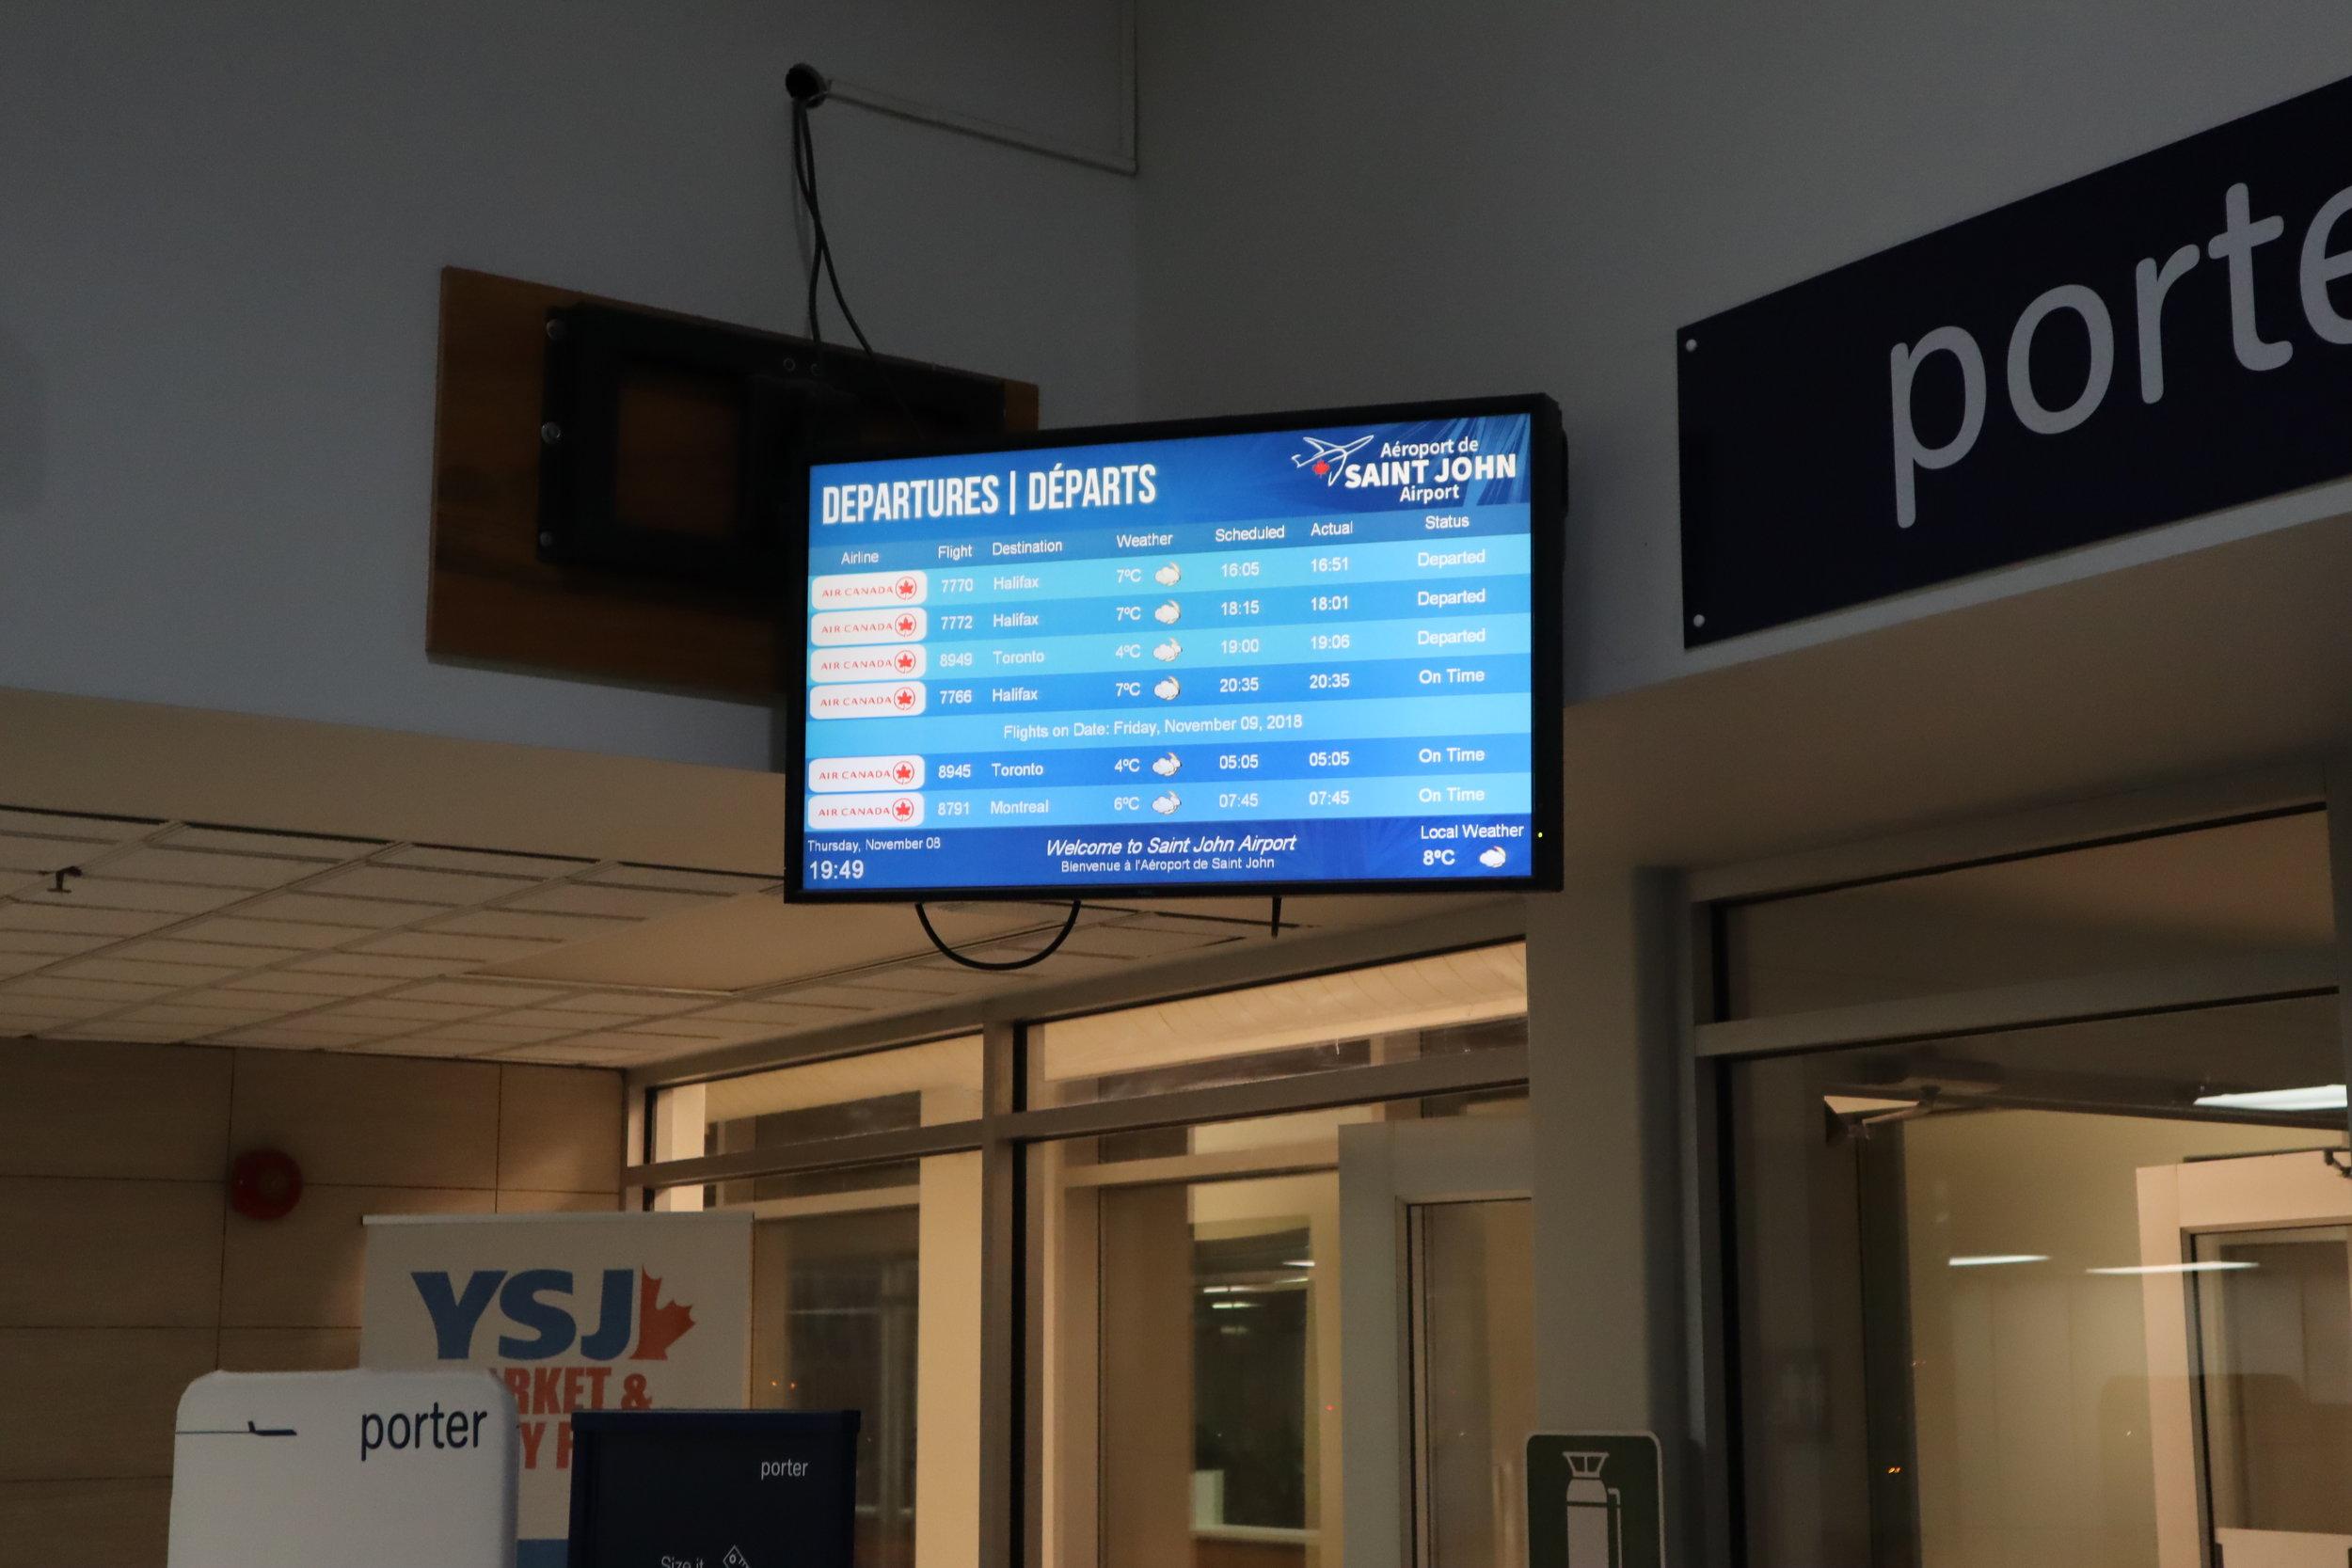 Saint John Airport – Departures board